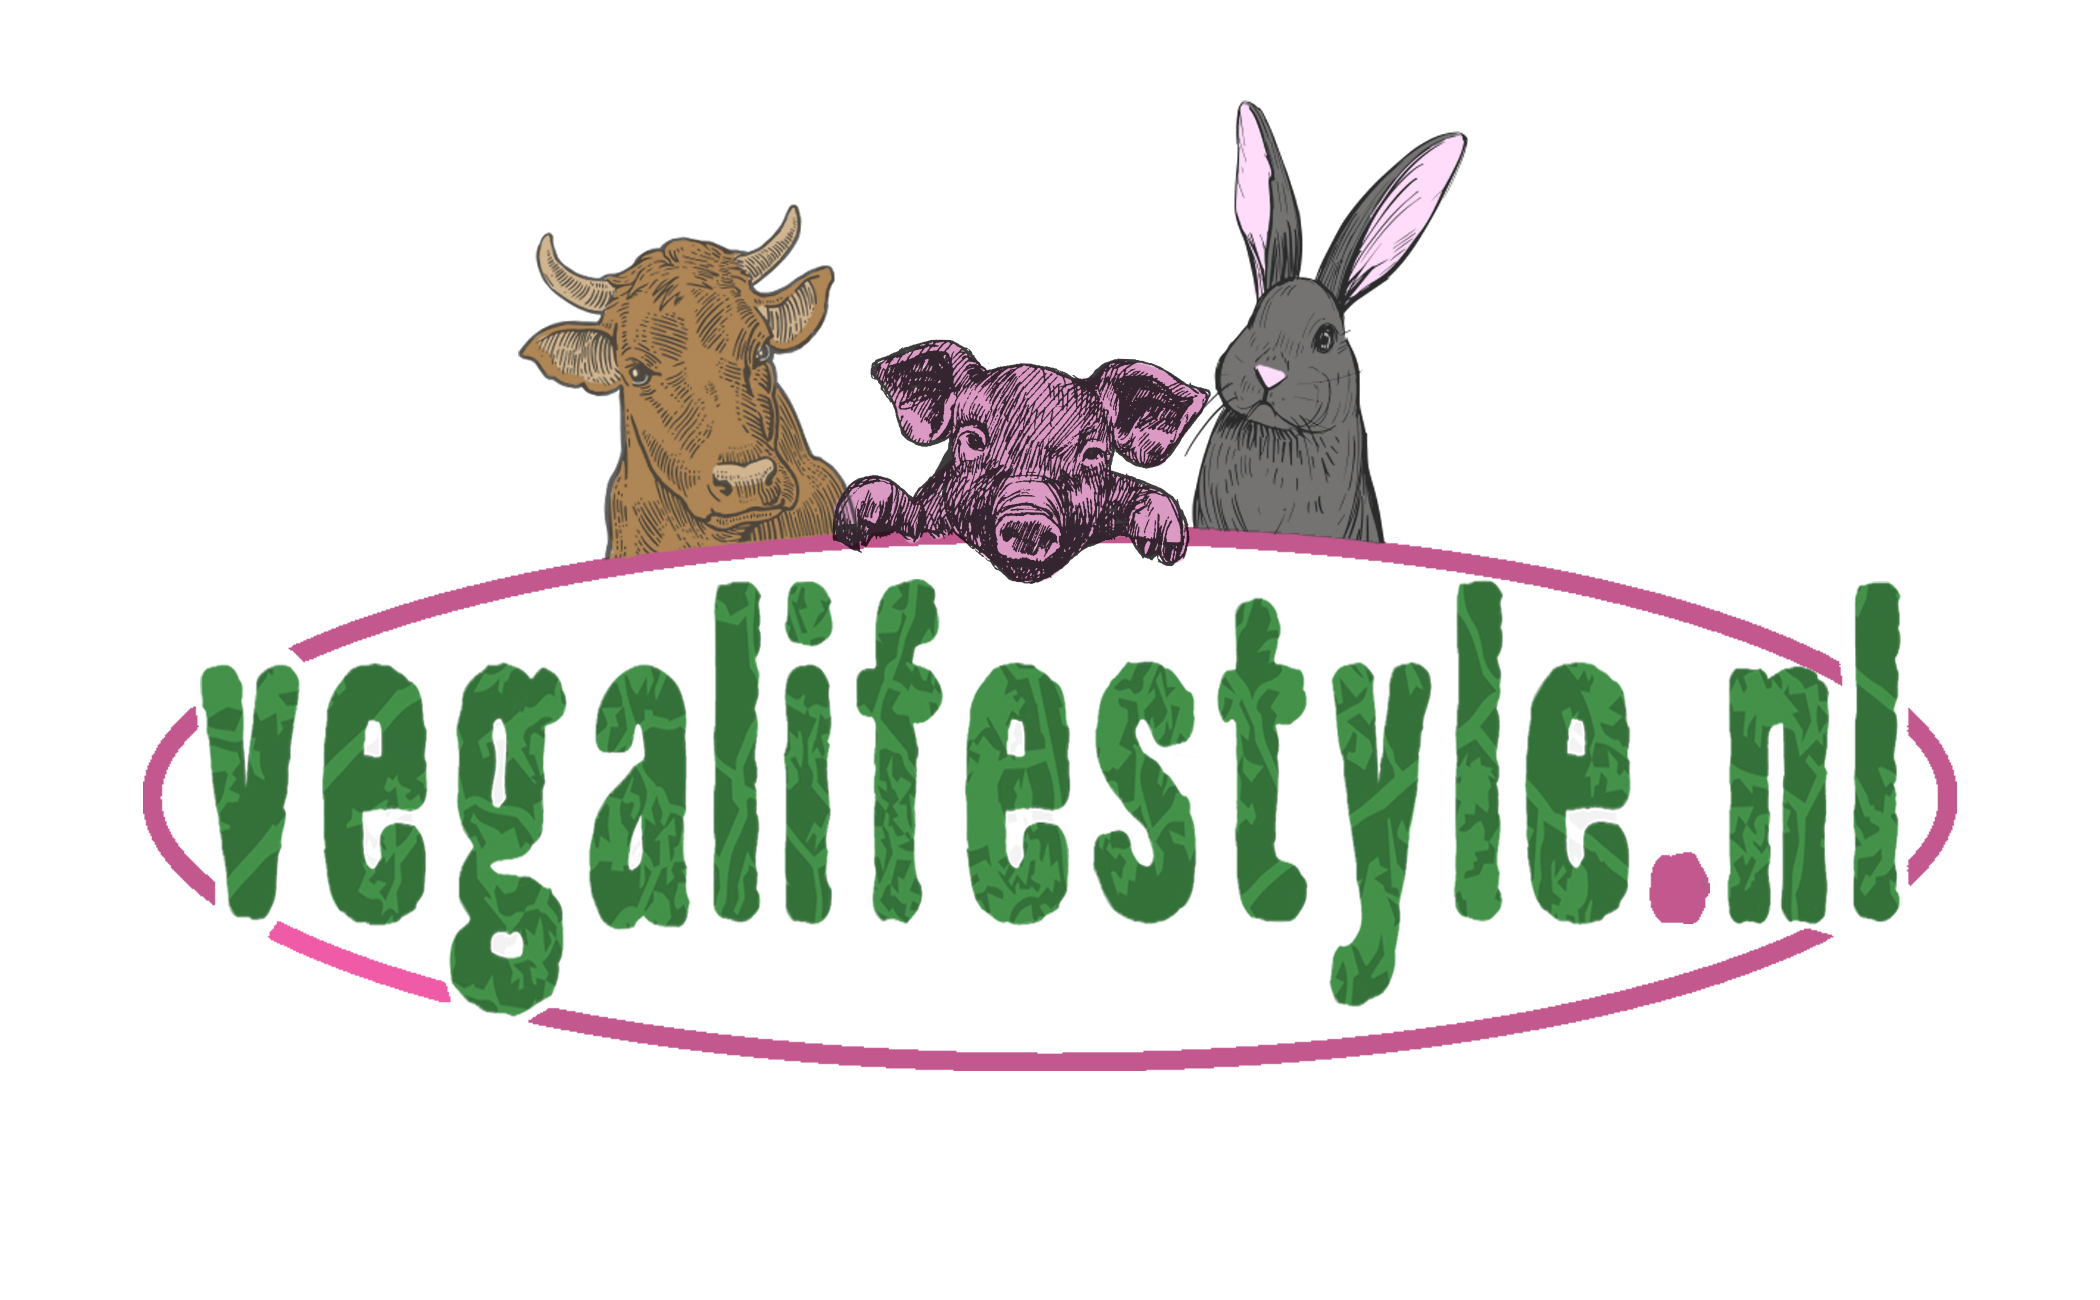 Vegalifestyle Magazine